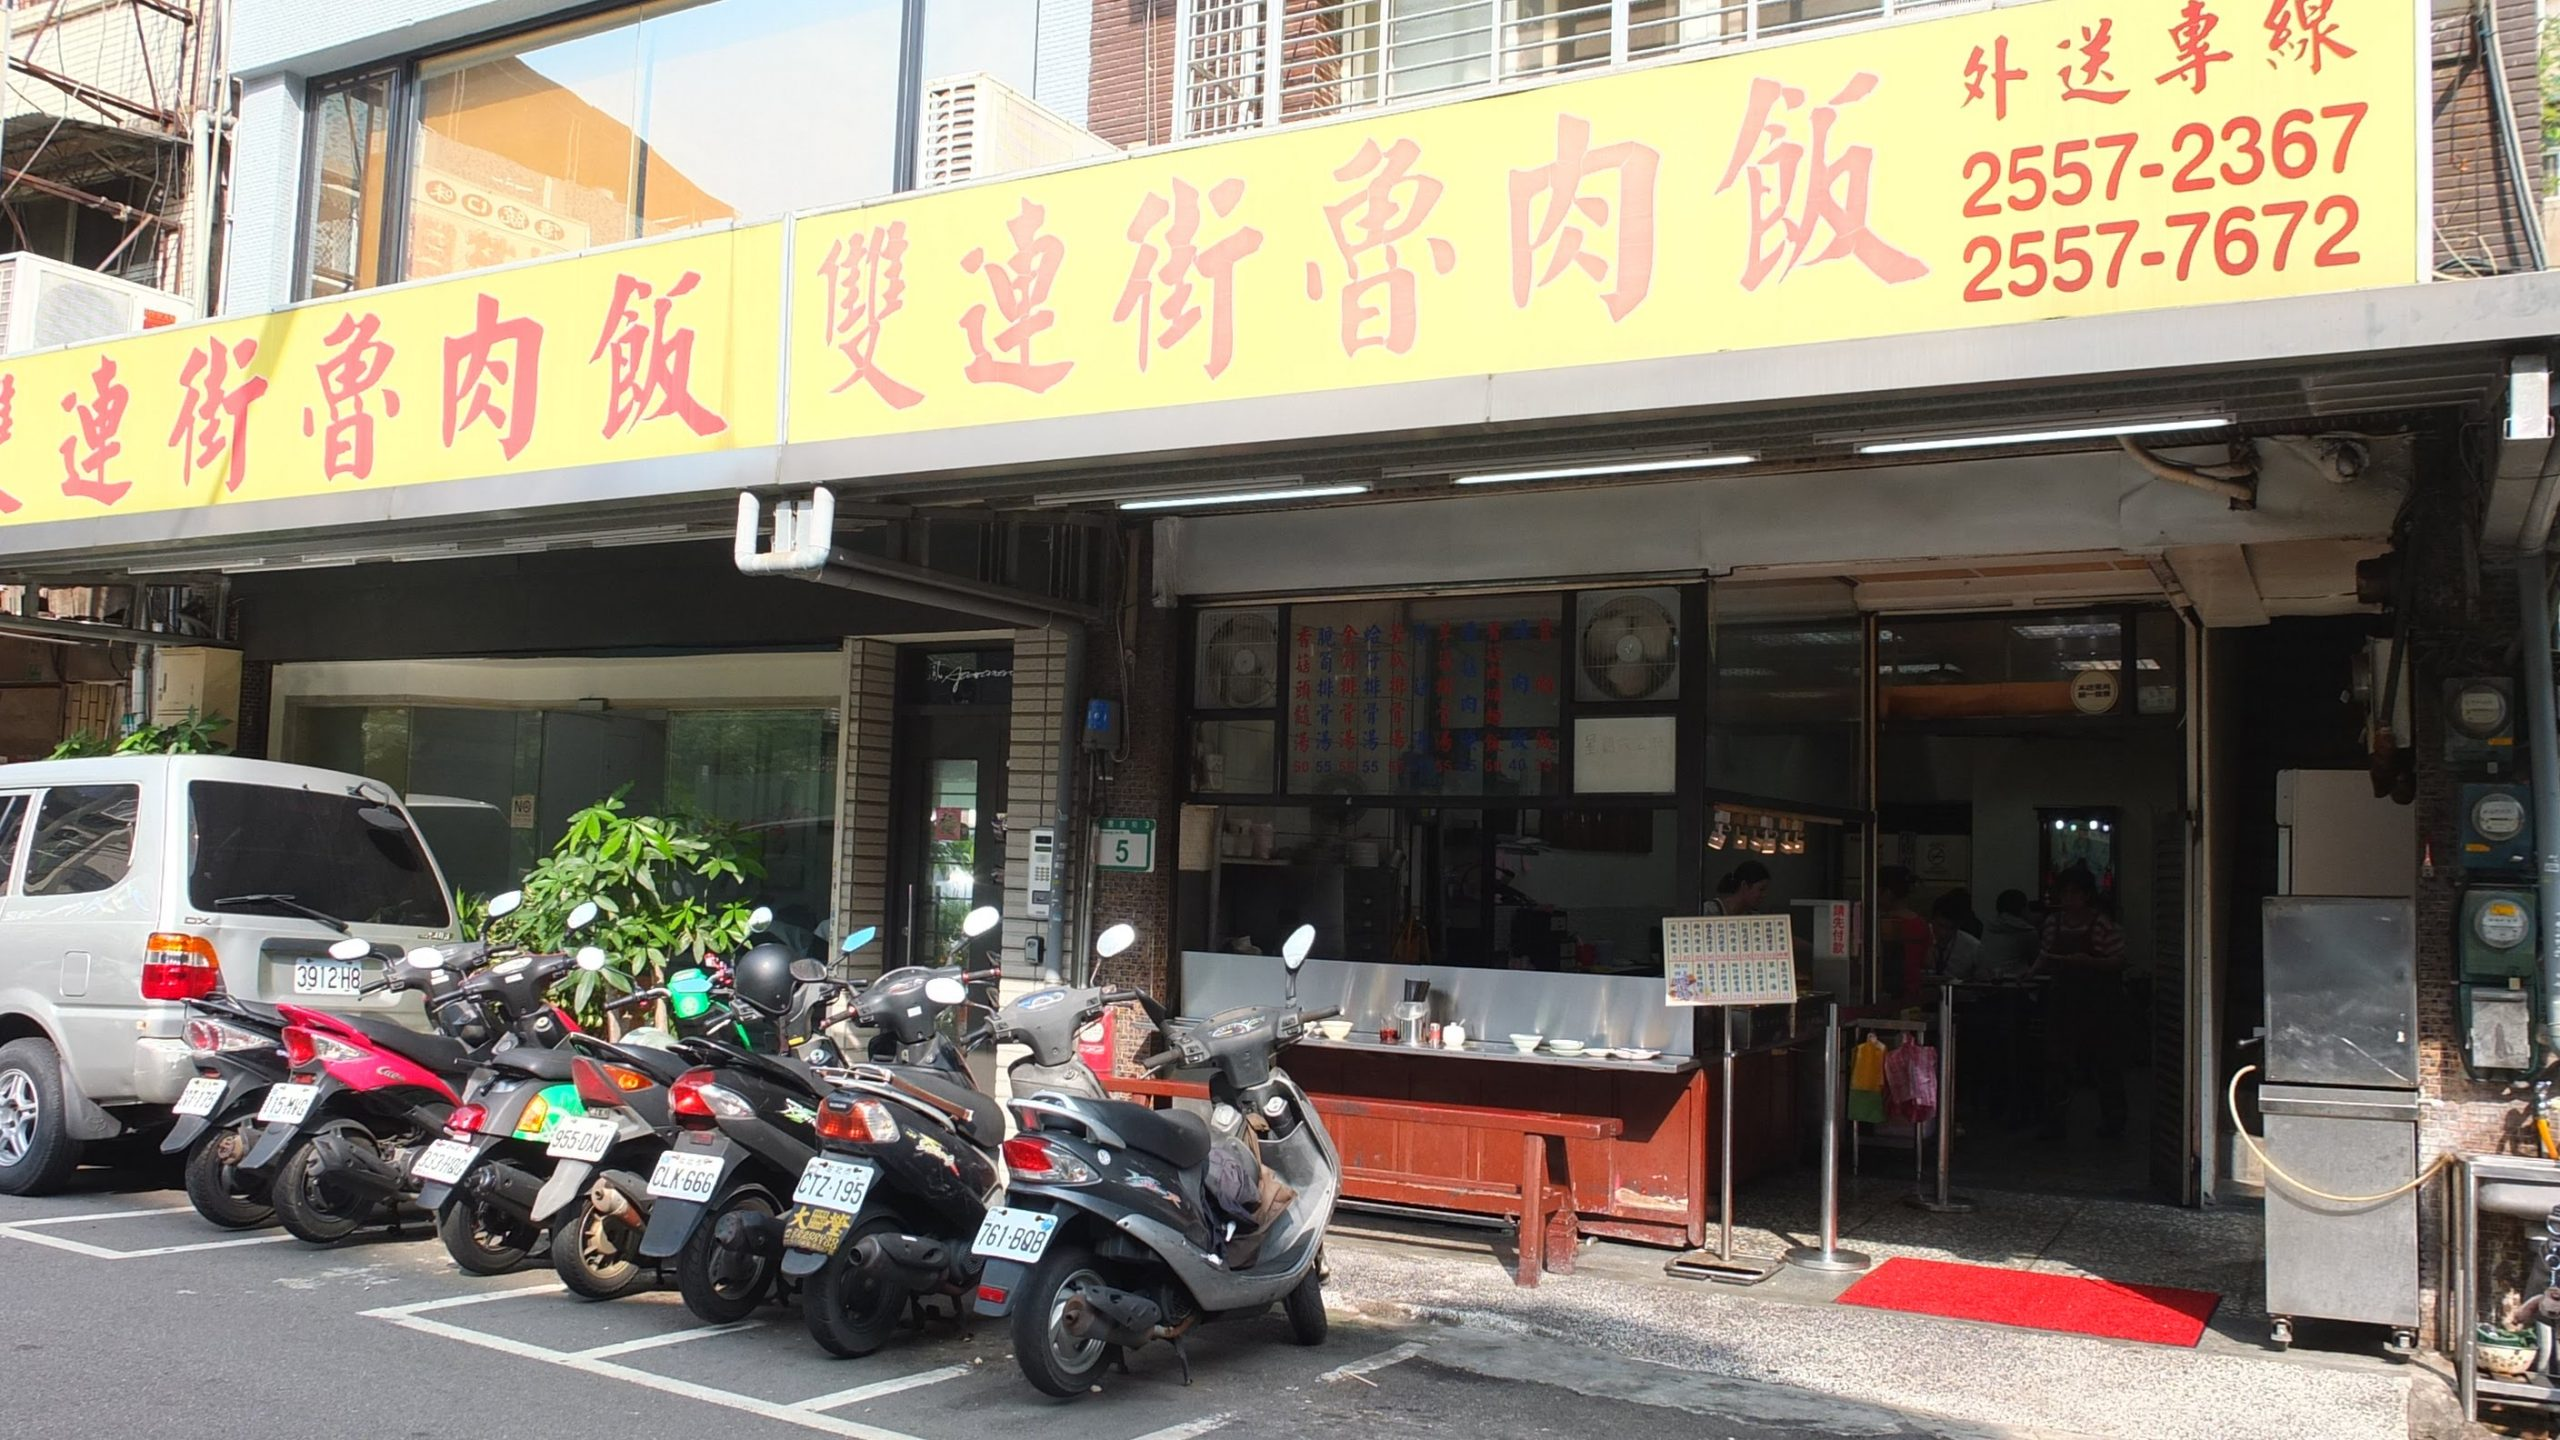 [台北] 雙連街魯肉飯:街坊老店的味道,經濟實惠的暖暖滋味